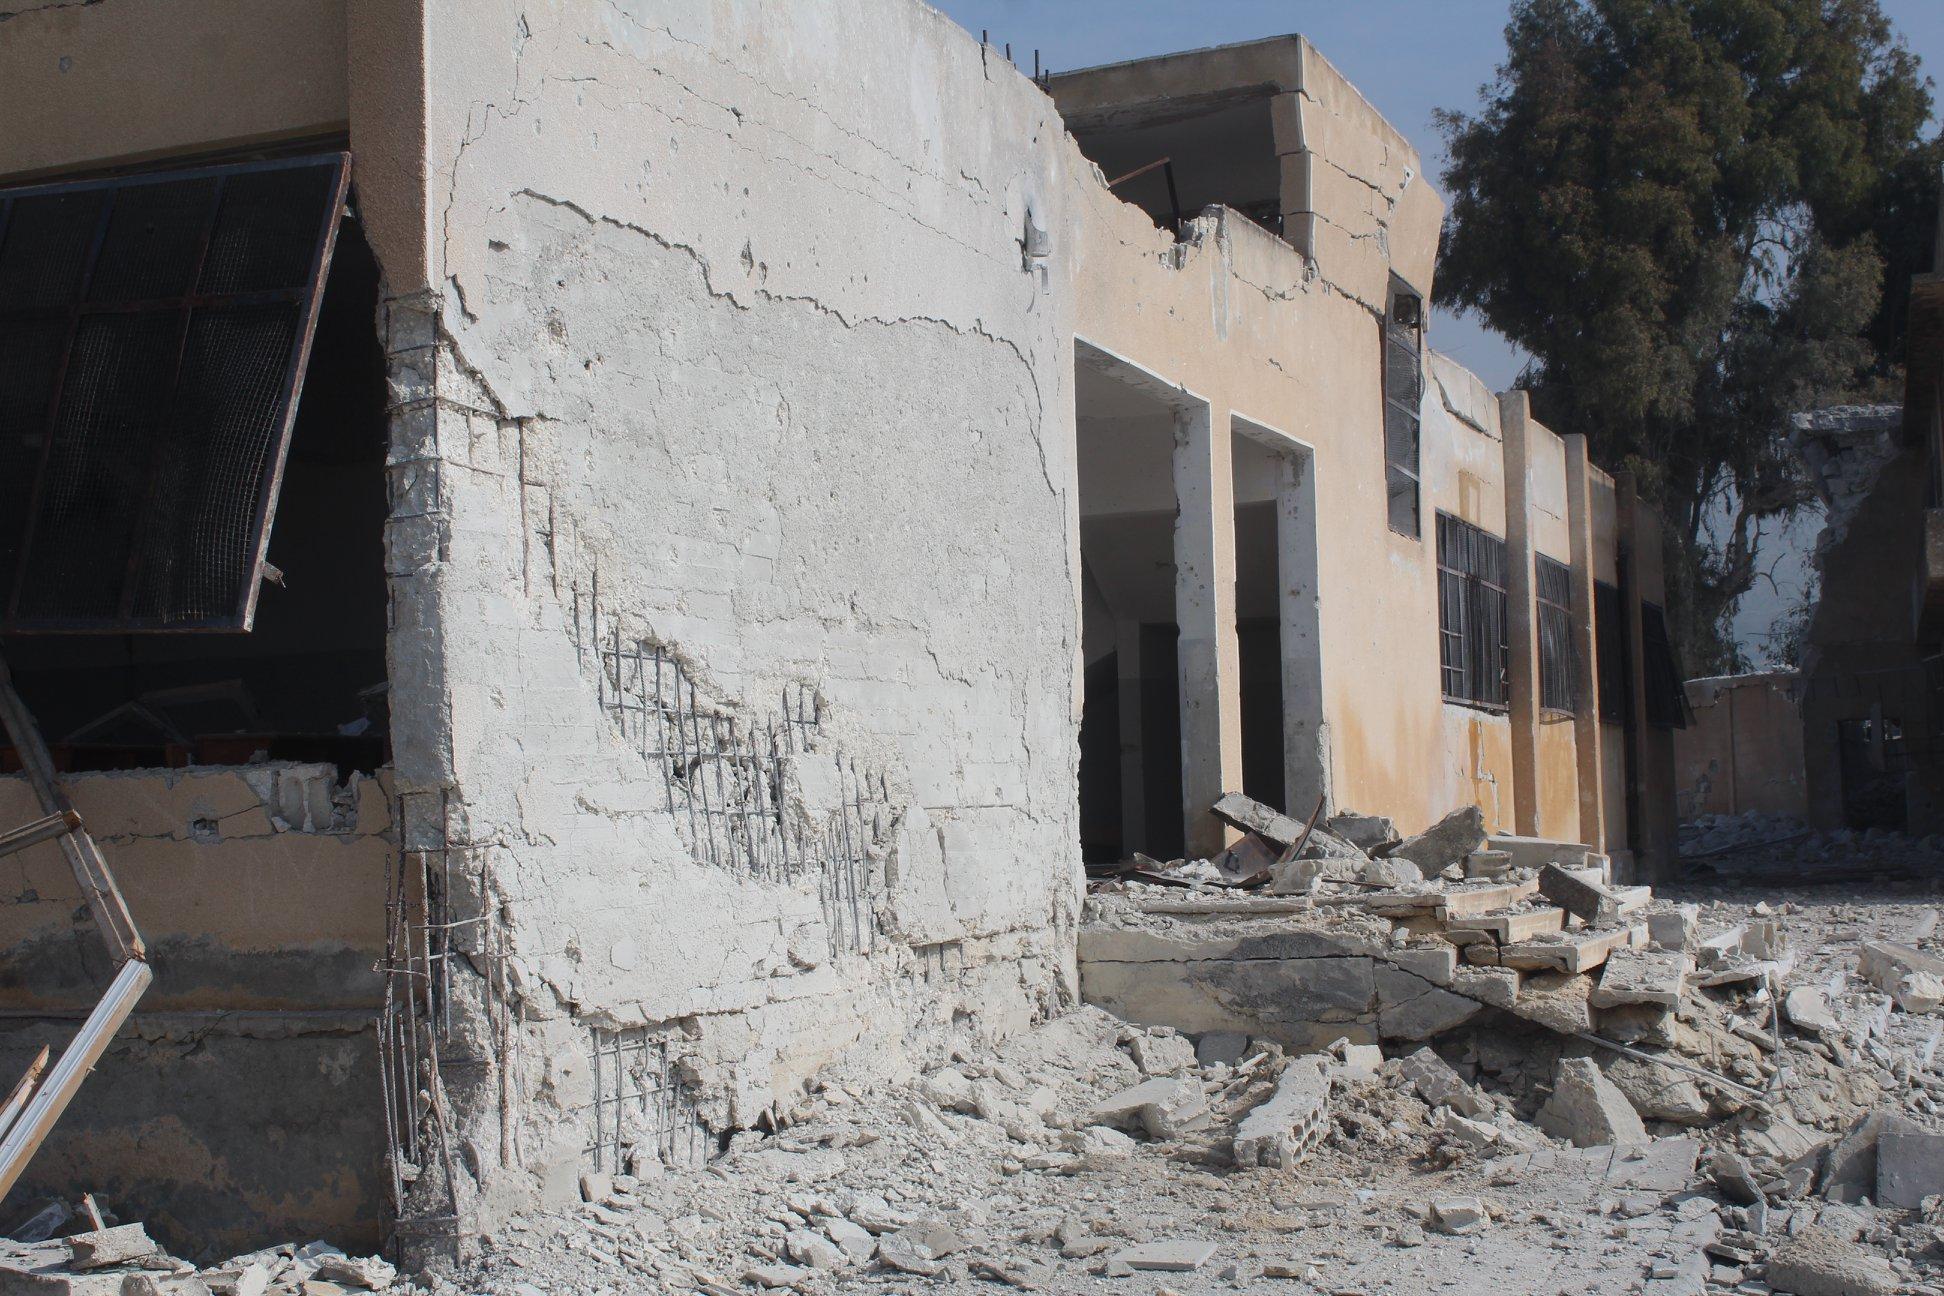 استهداف القصف مركزاً صحياً، ومدرستين مجاورتين له